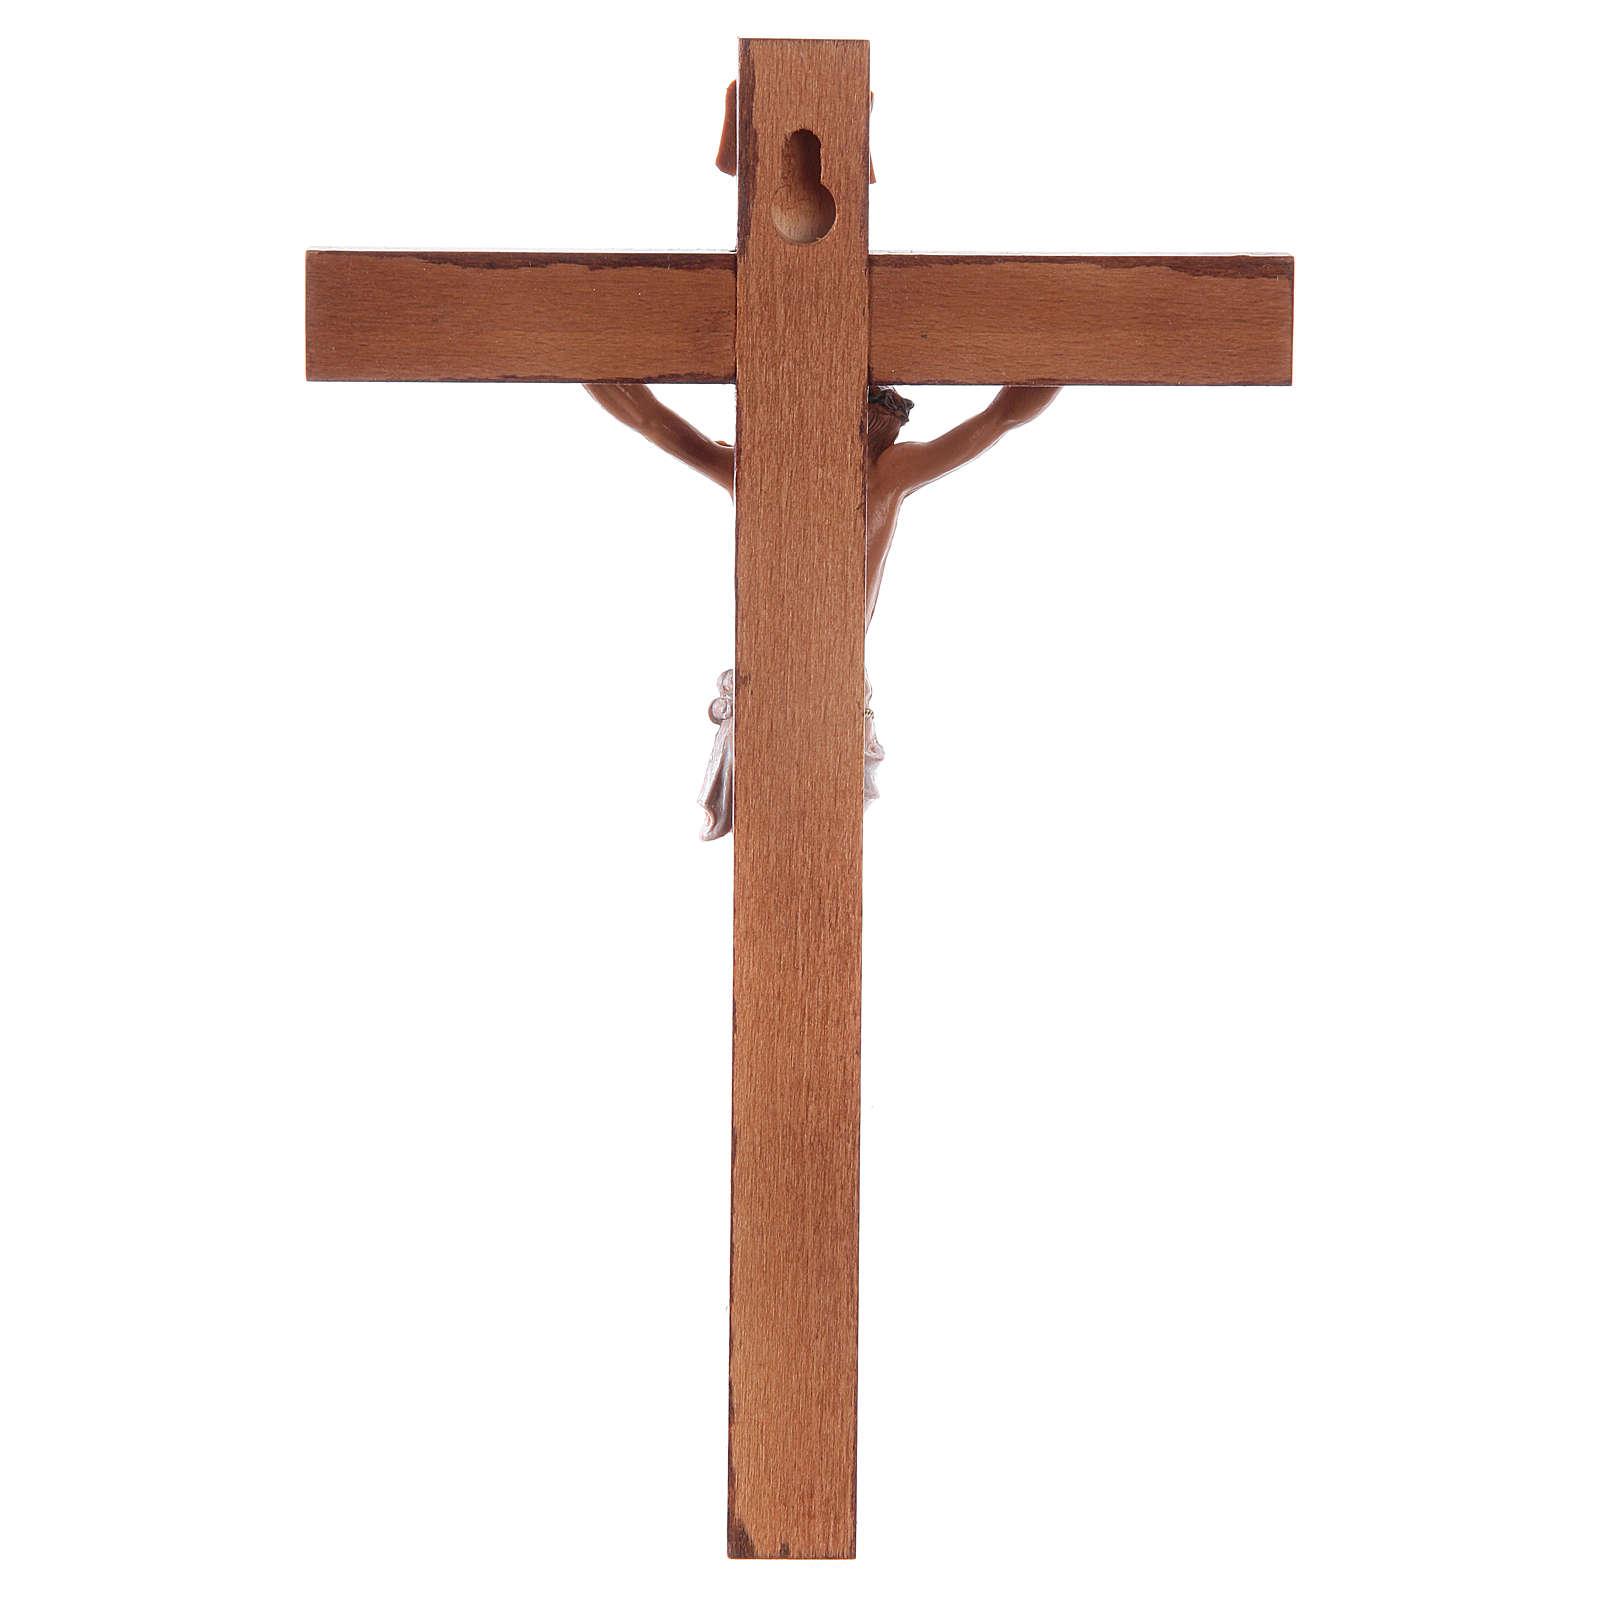 Krucyfiks Fontanini krzyż drewno 18 X 11,5 ciało Chrystusa pvc 4